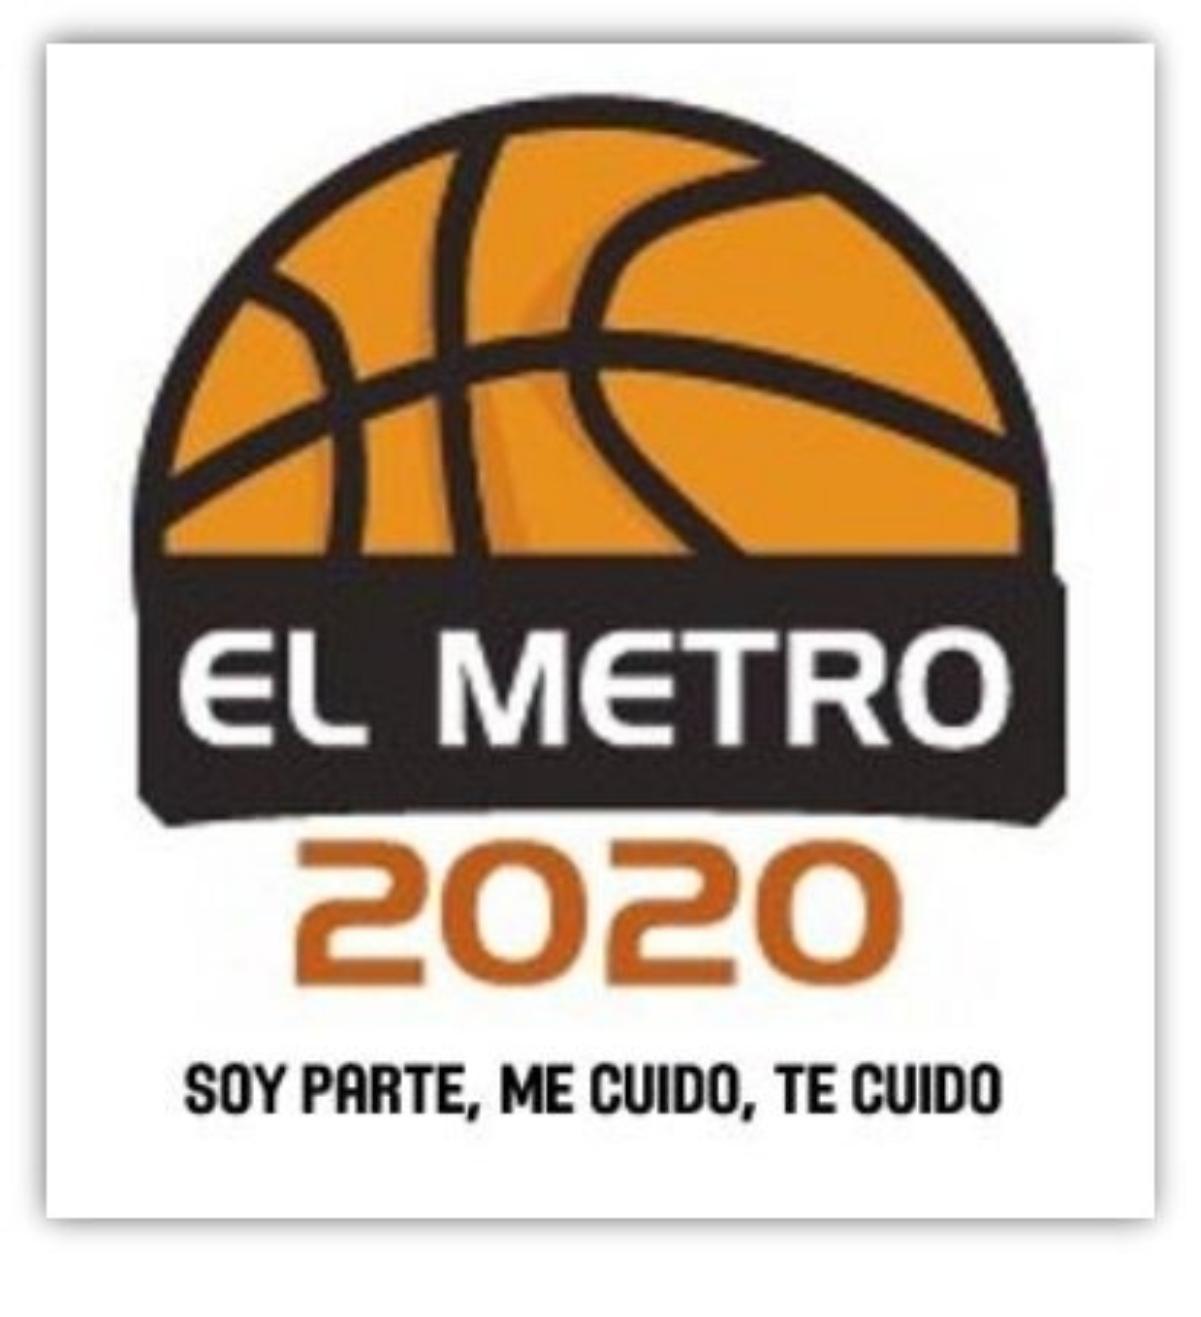 El Metro 2020